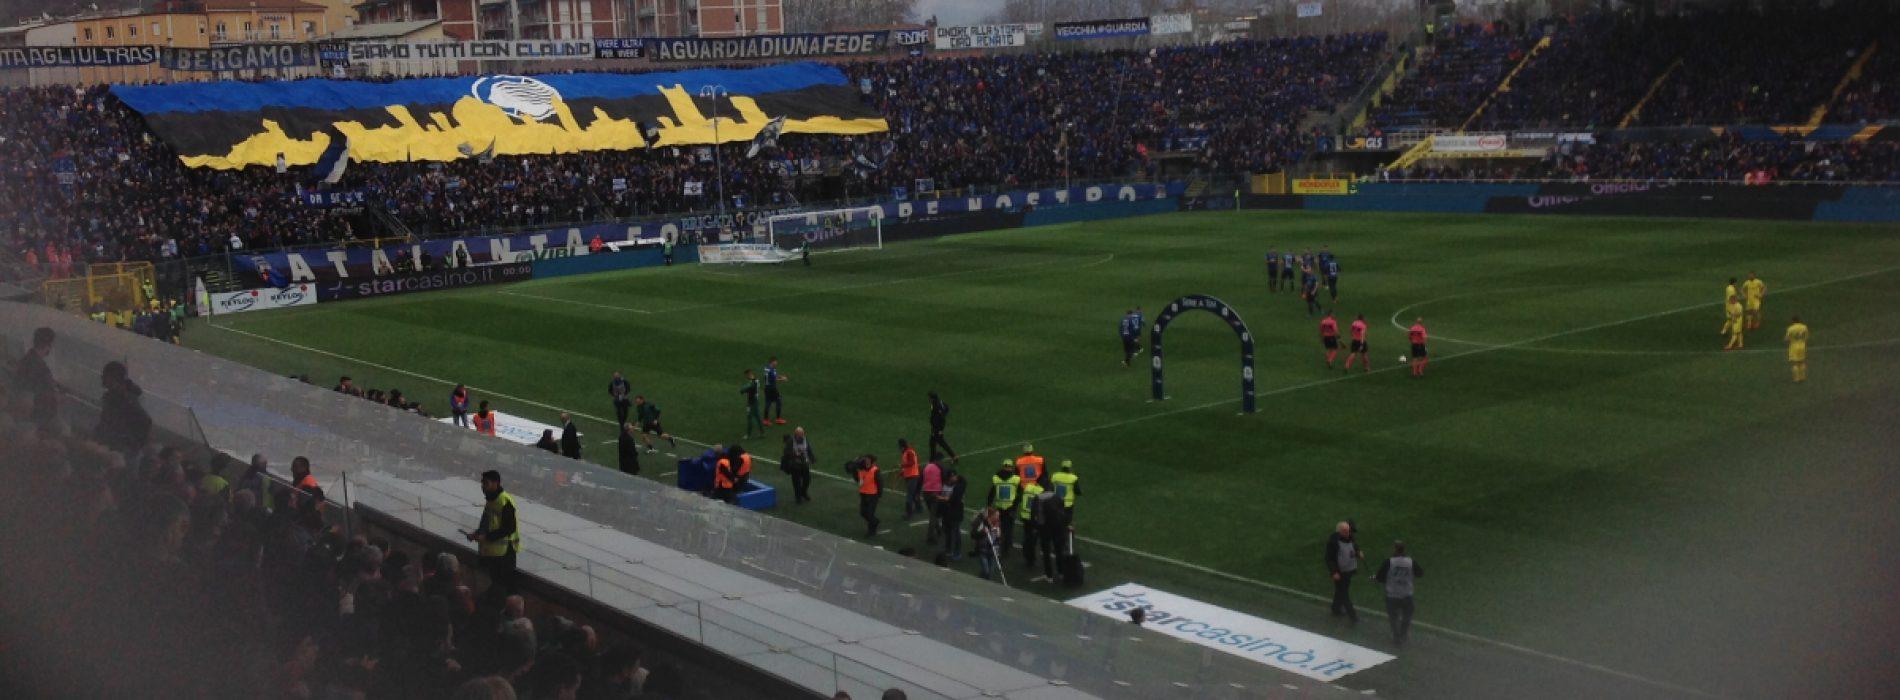 Atalanta-Verona, colpo gialloblù a Bergamo: cronaca e tabellino